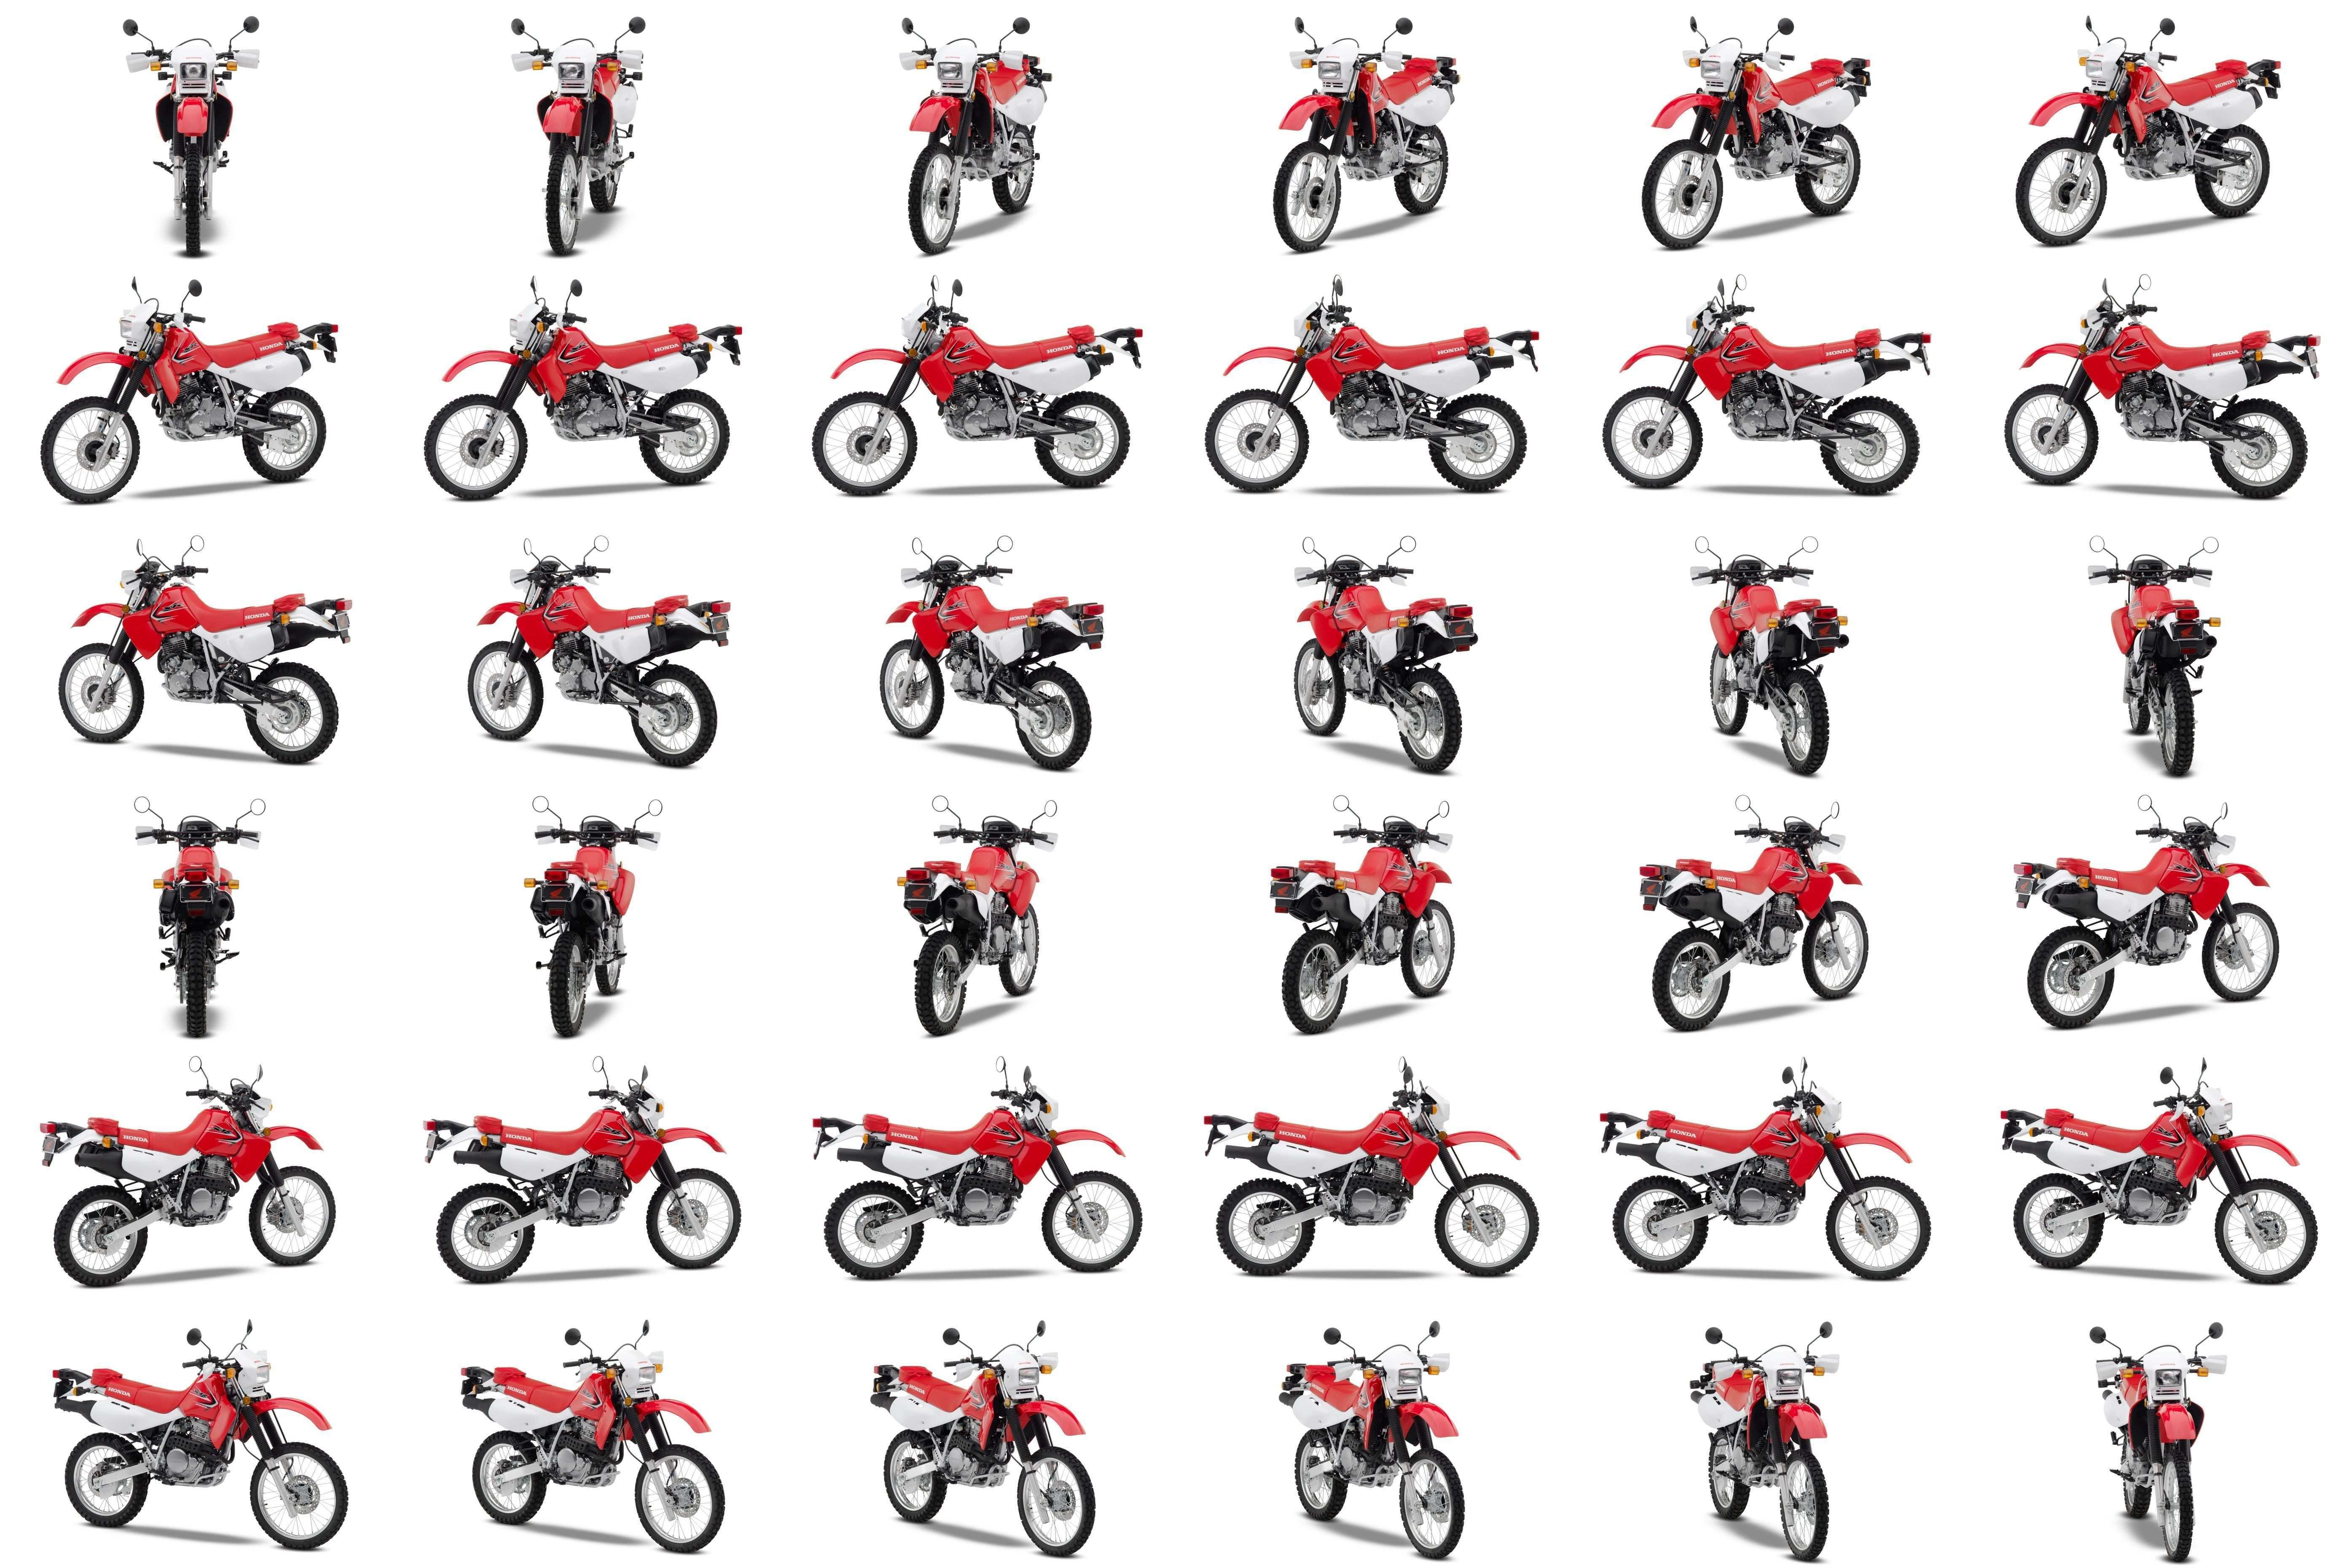 99 Gallery of New 2019 Honda Xr 650 Rumors Images for New 2019 Honda Xr 650 Rumors